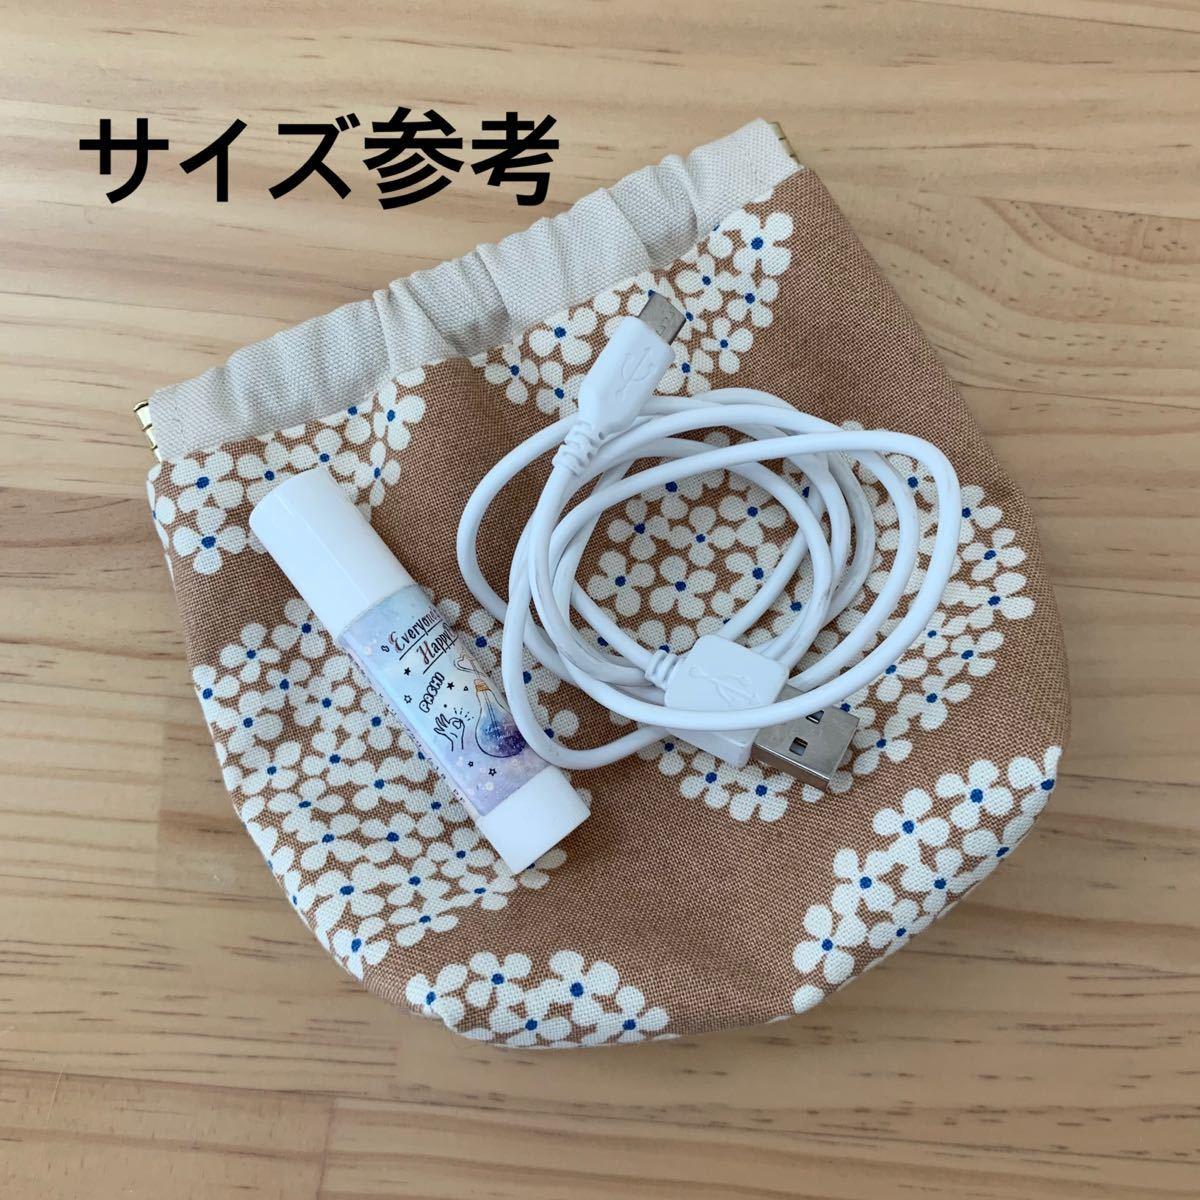 バッグインバッグ&バネロポーチ ☆花柄紺